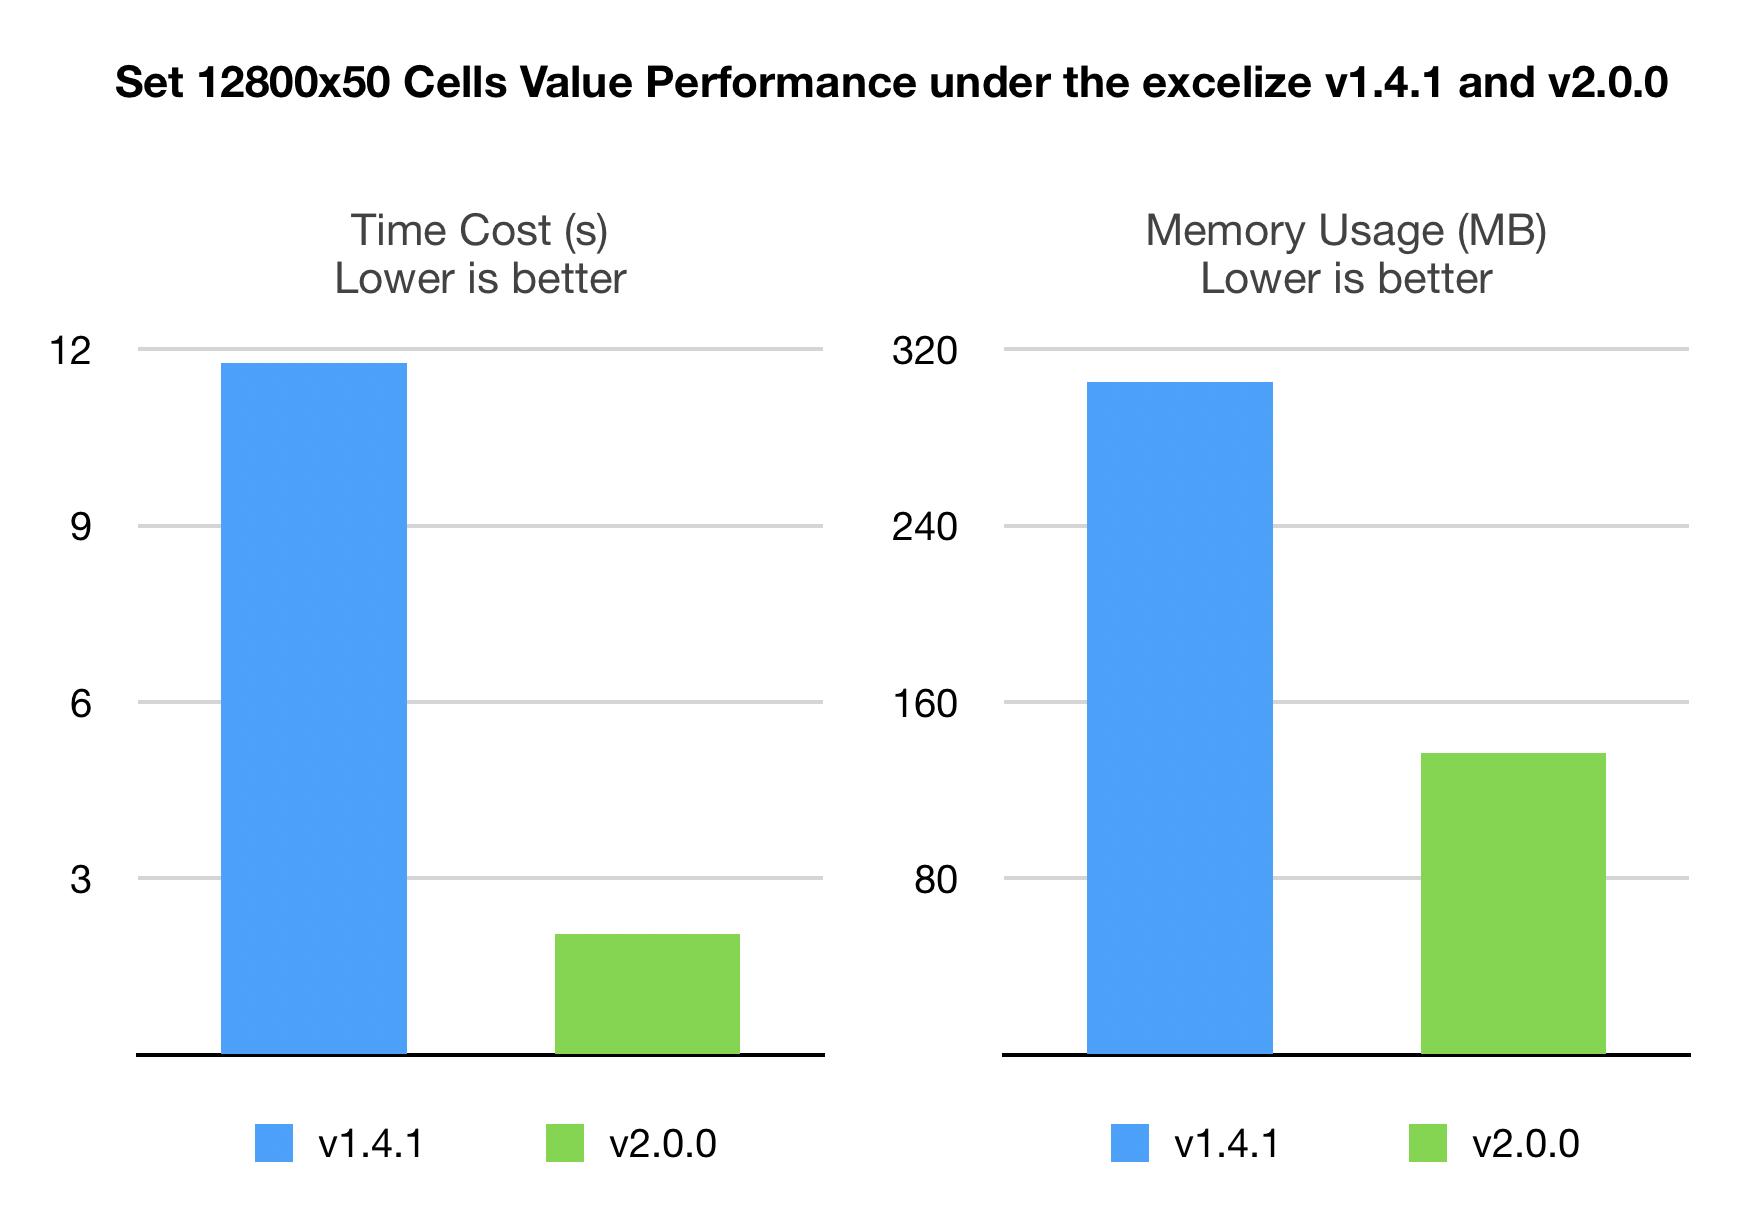 Excelize v1.4.1 VS v2.0.0